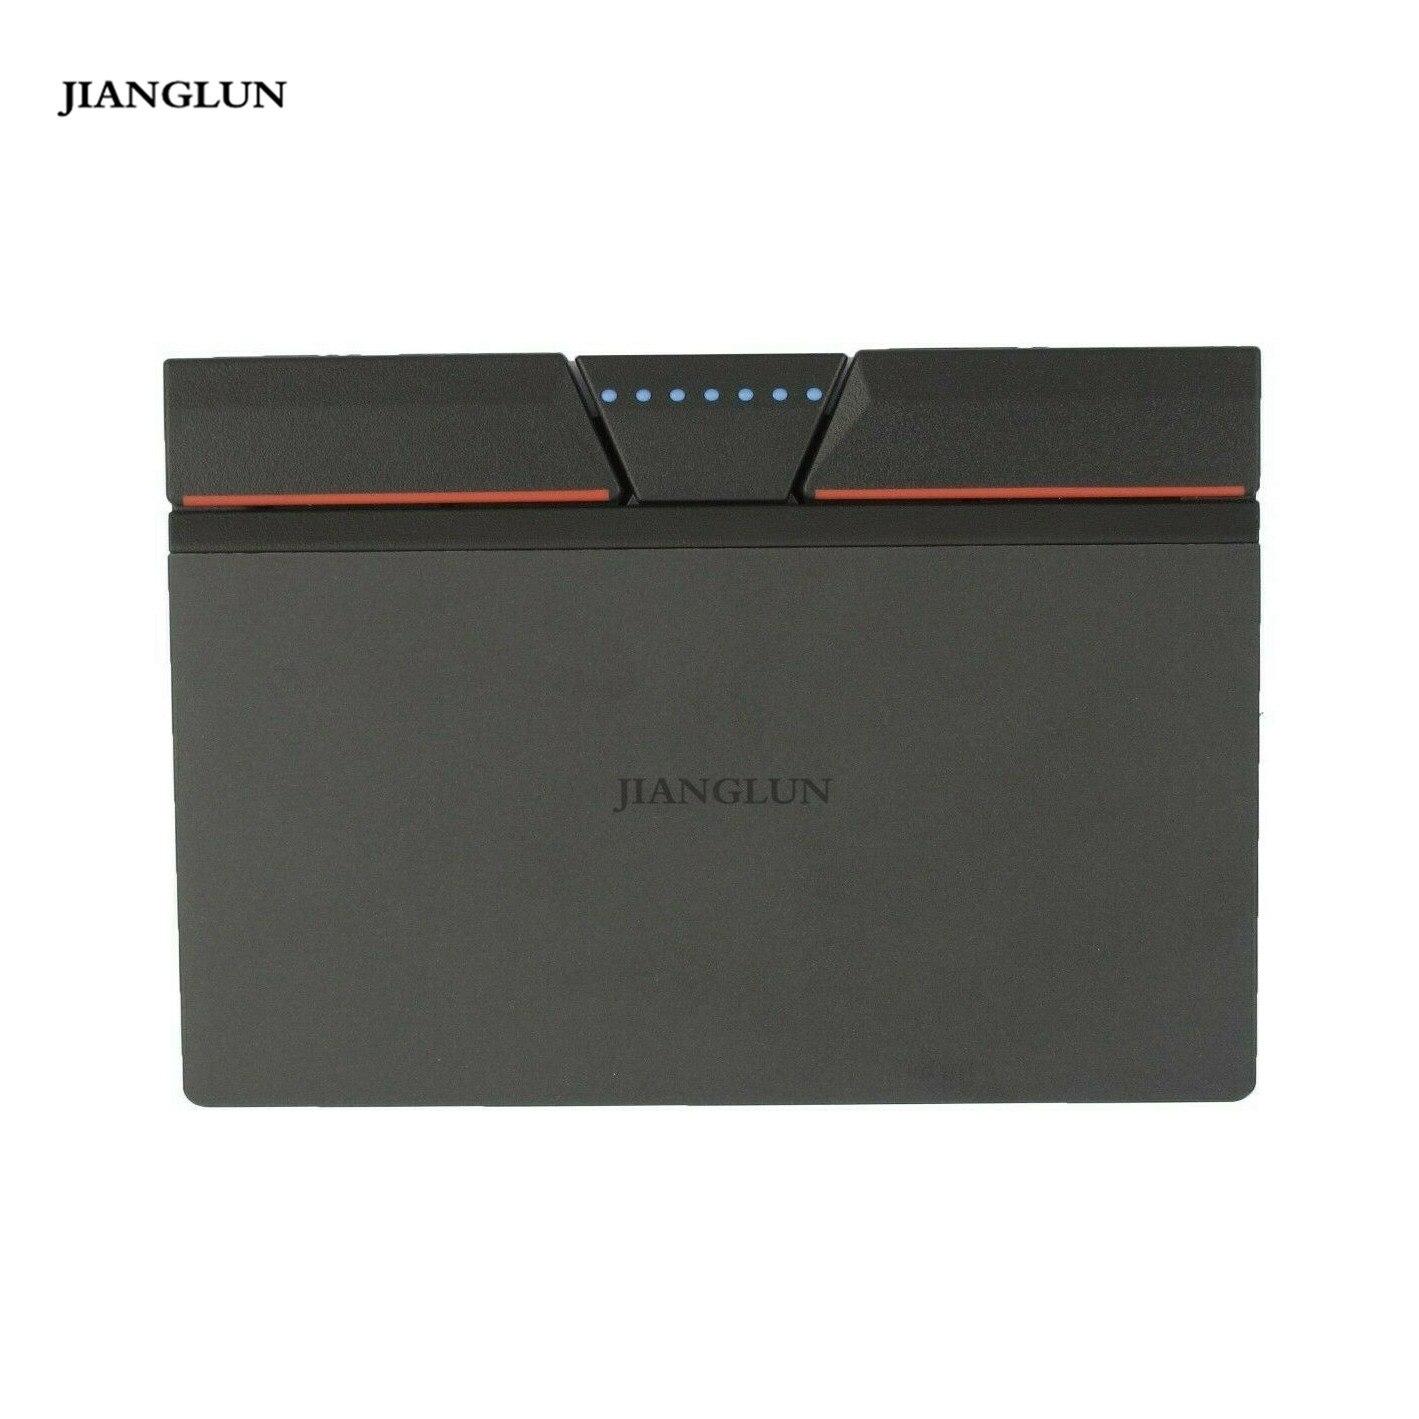 JIANGLUN レノボ Thinkpad X230S X240 X240S X250 タッチパッドトラックパッド 3 ボタンキー